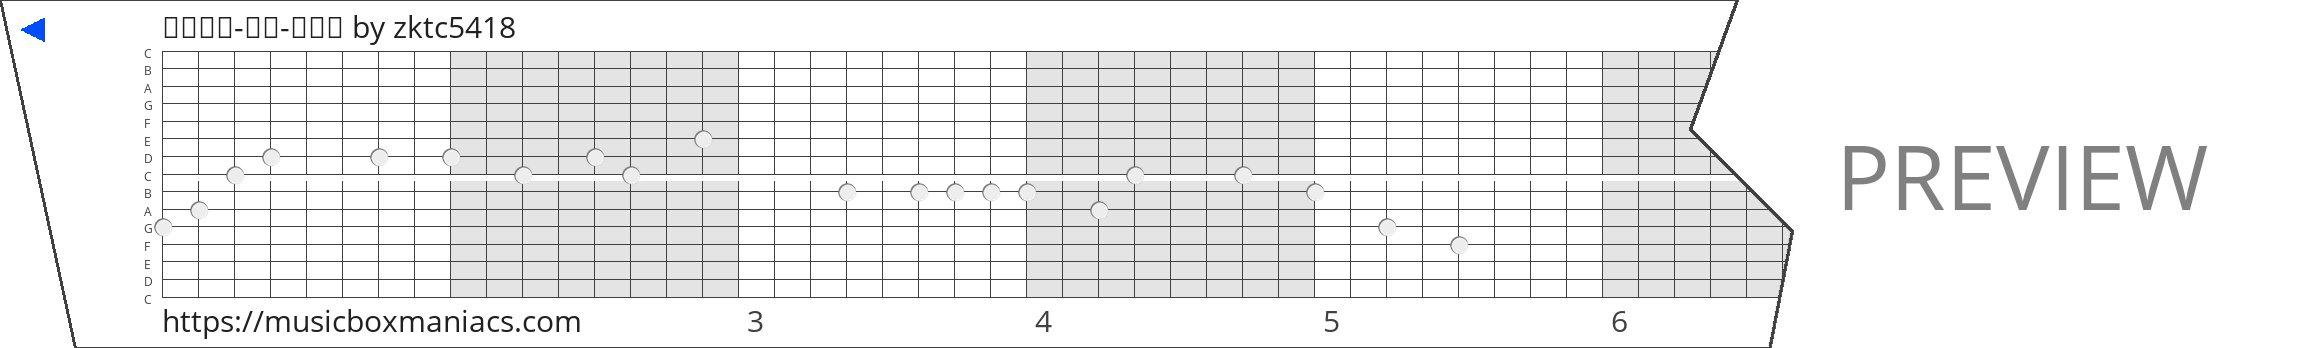 年少有为-流行-李荣浩 15 note music box paper strip